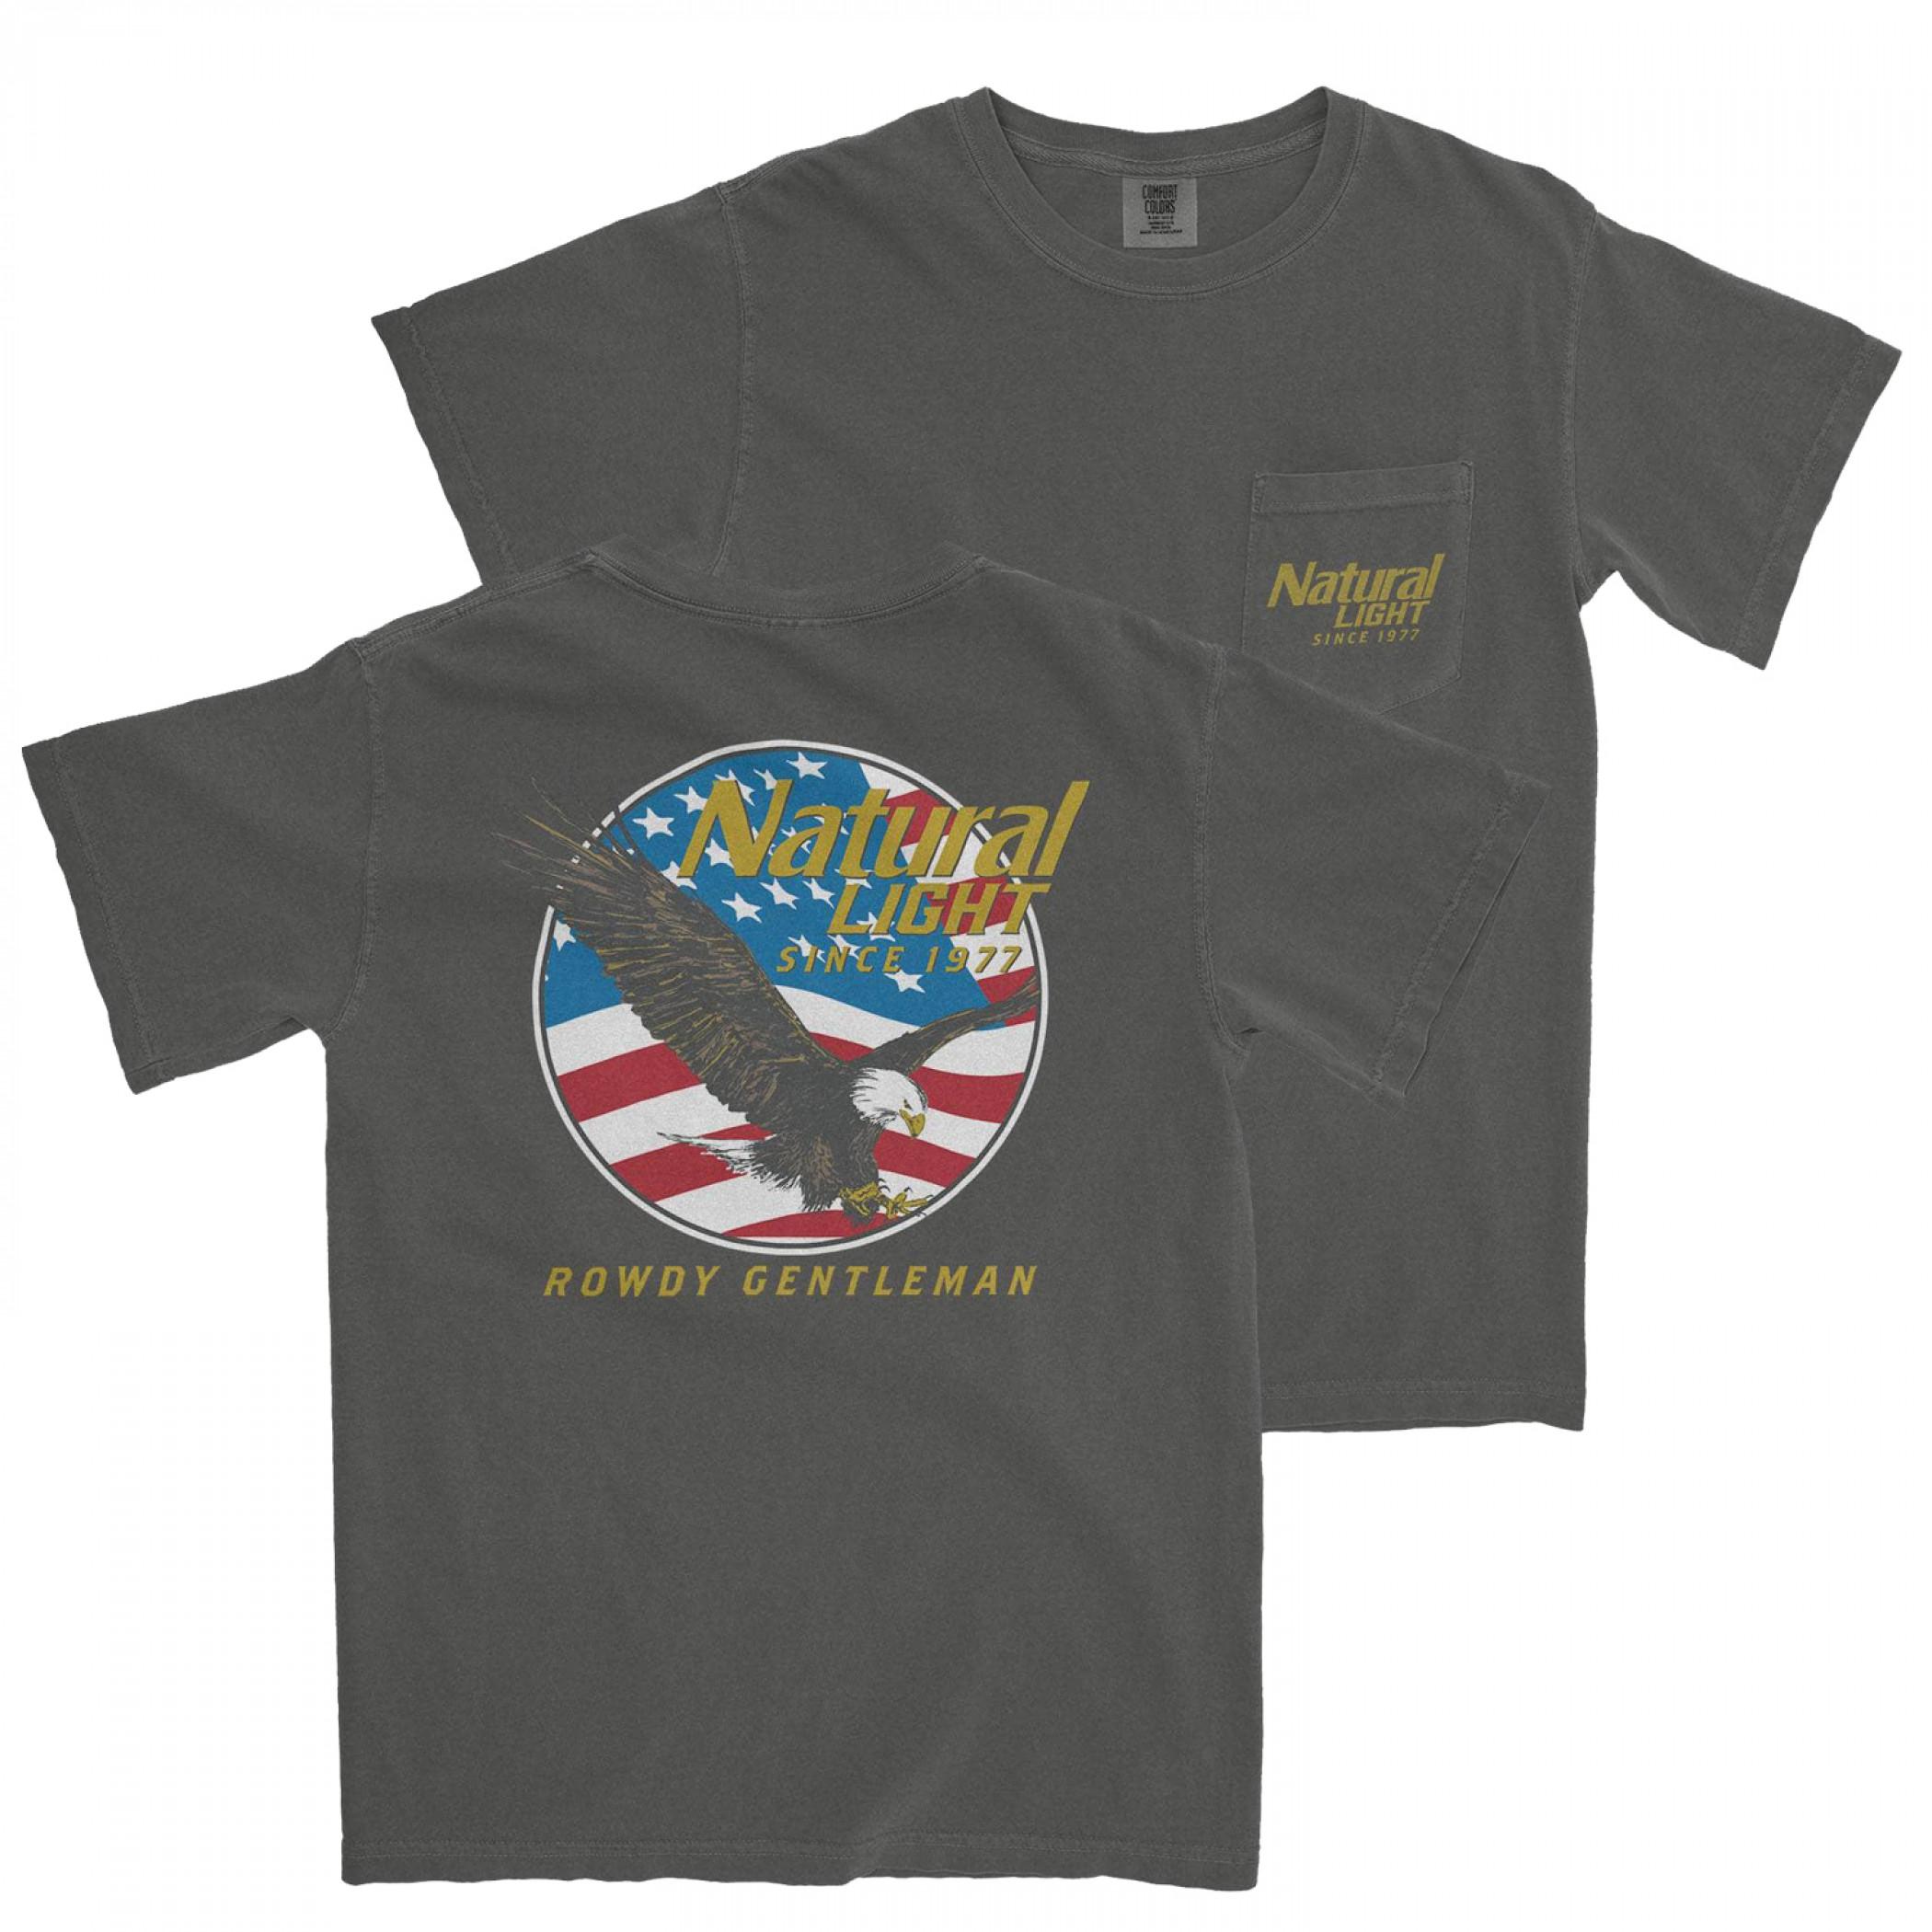 Natural Light Since 1977 Rowdy Gentleman Pocket T-Shirt